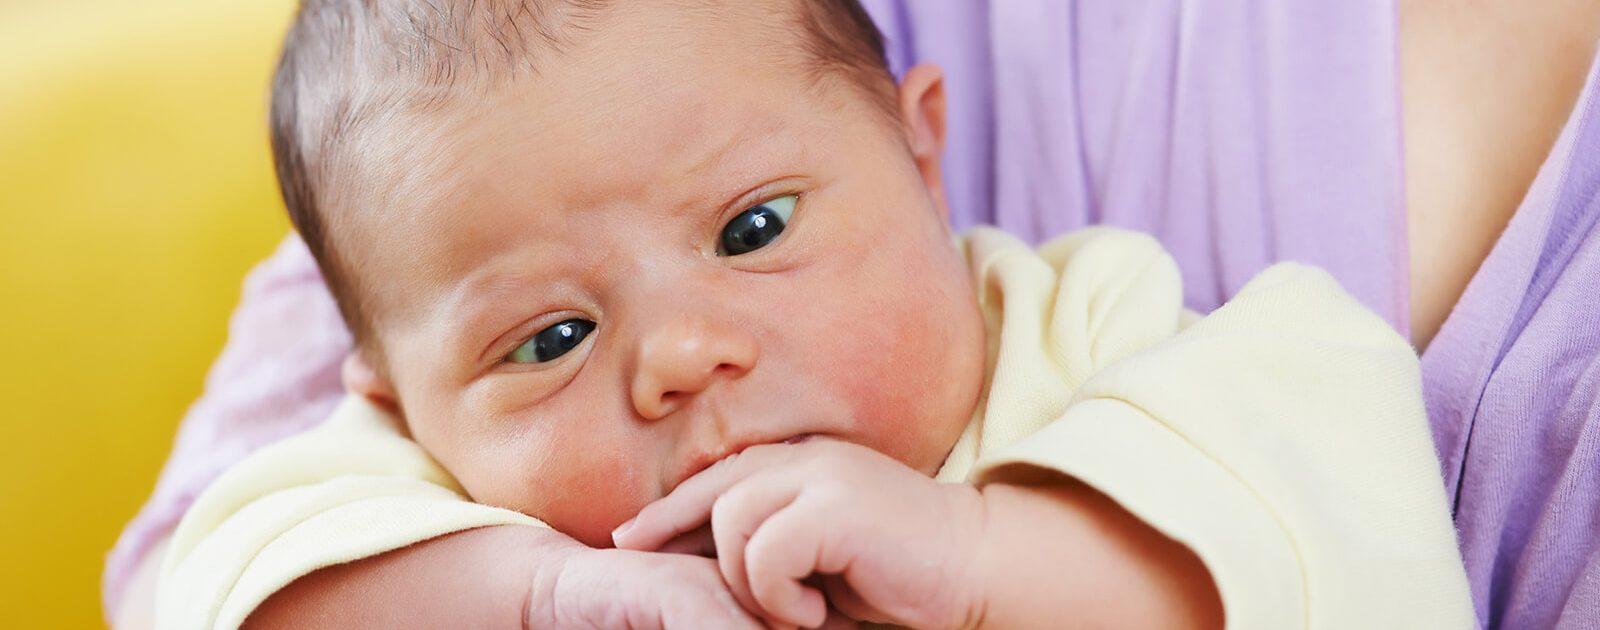 Schielen bei Kleinkindern kann zu Sehstörungen führen